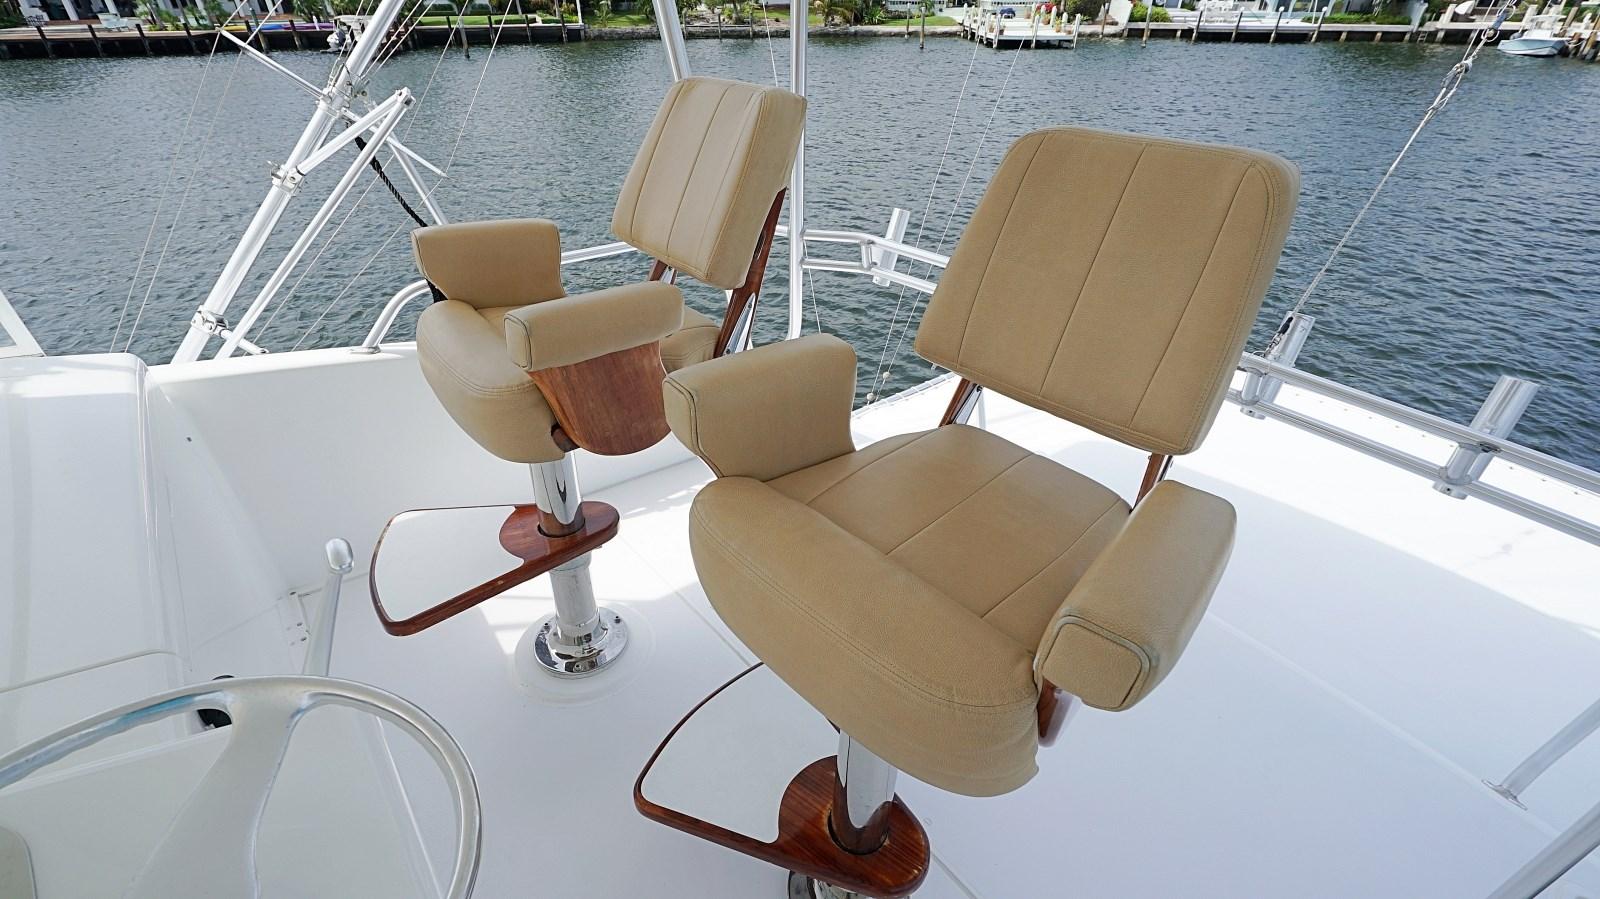 Helm Chairs 1999 VIKING  Sport Fisherman 2887318